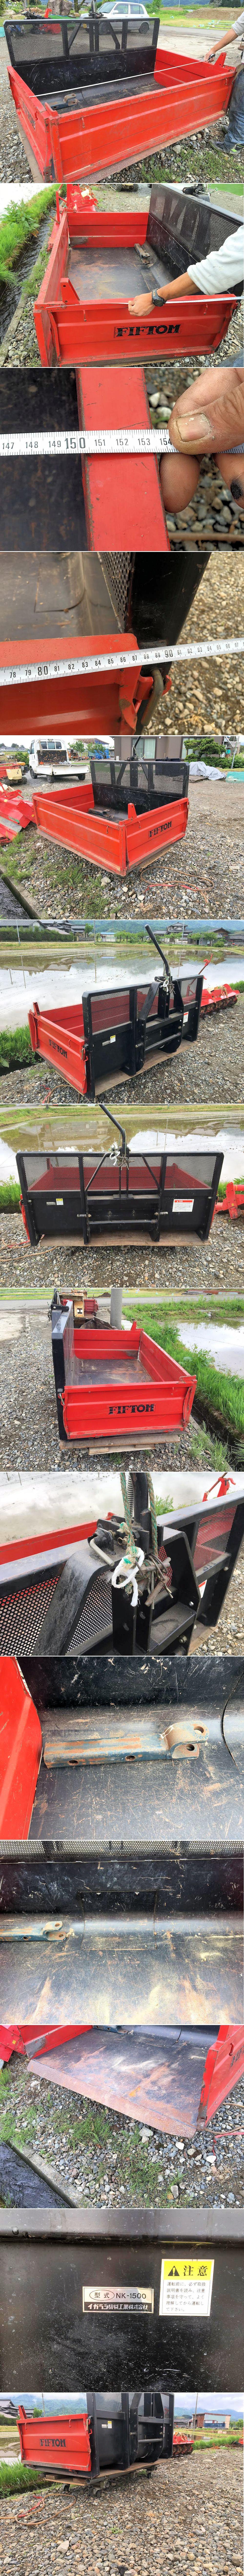 イガラシ機械工業 トラクター用 整地キャリア ダンプ トレーラー運搬 除雪等 NK-1500 自作キャスター付 中古 現状